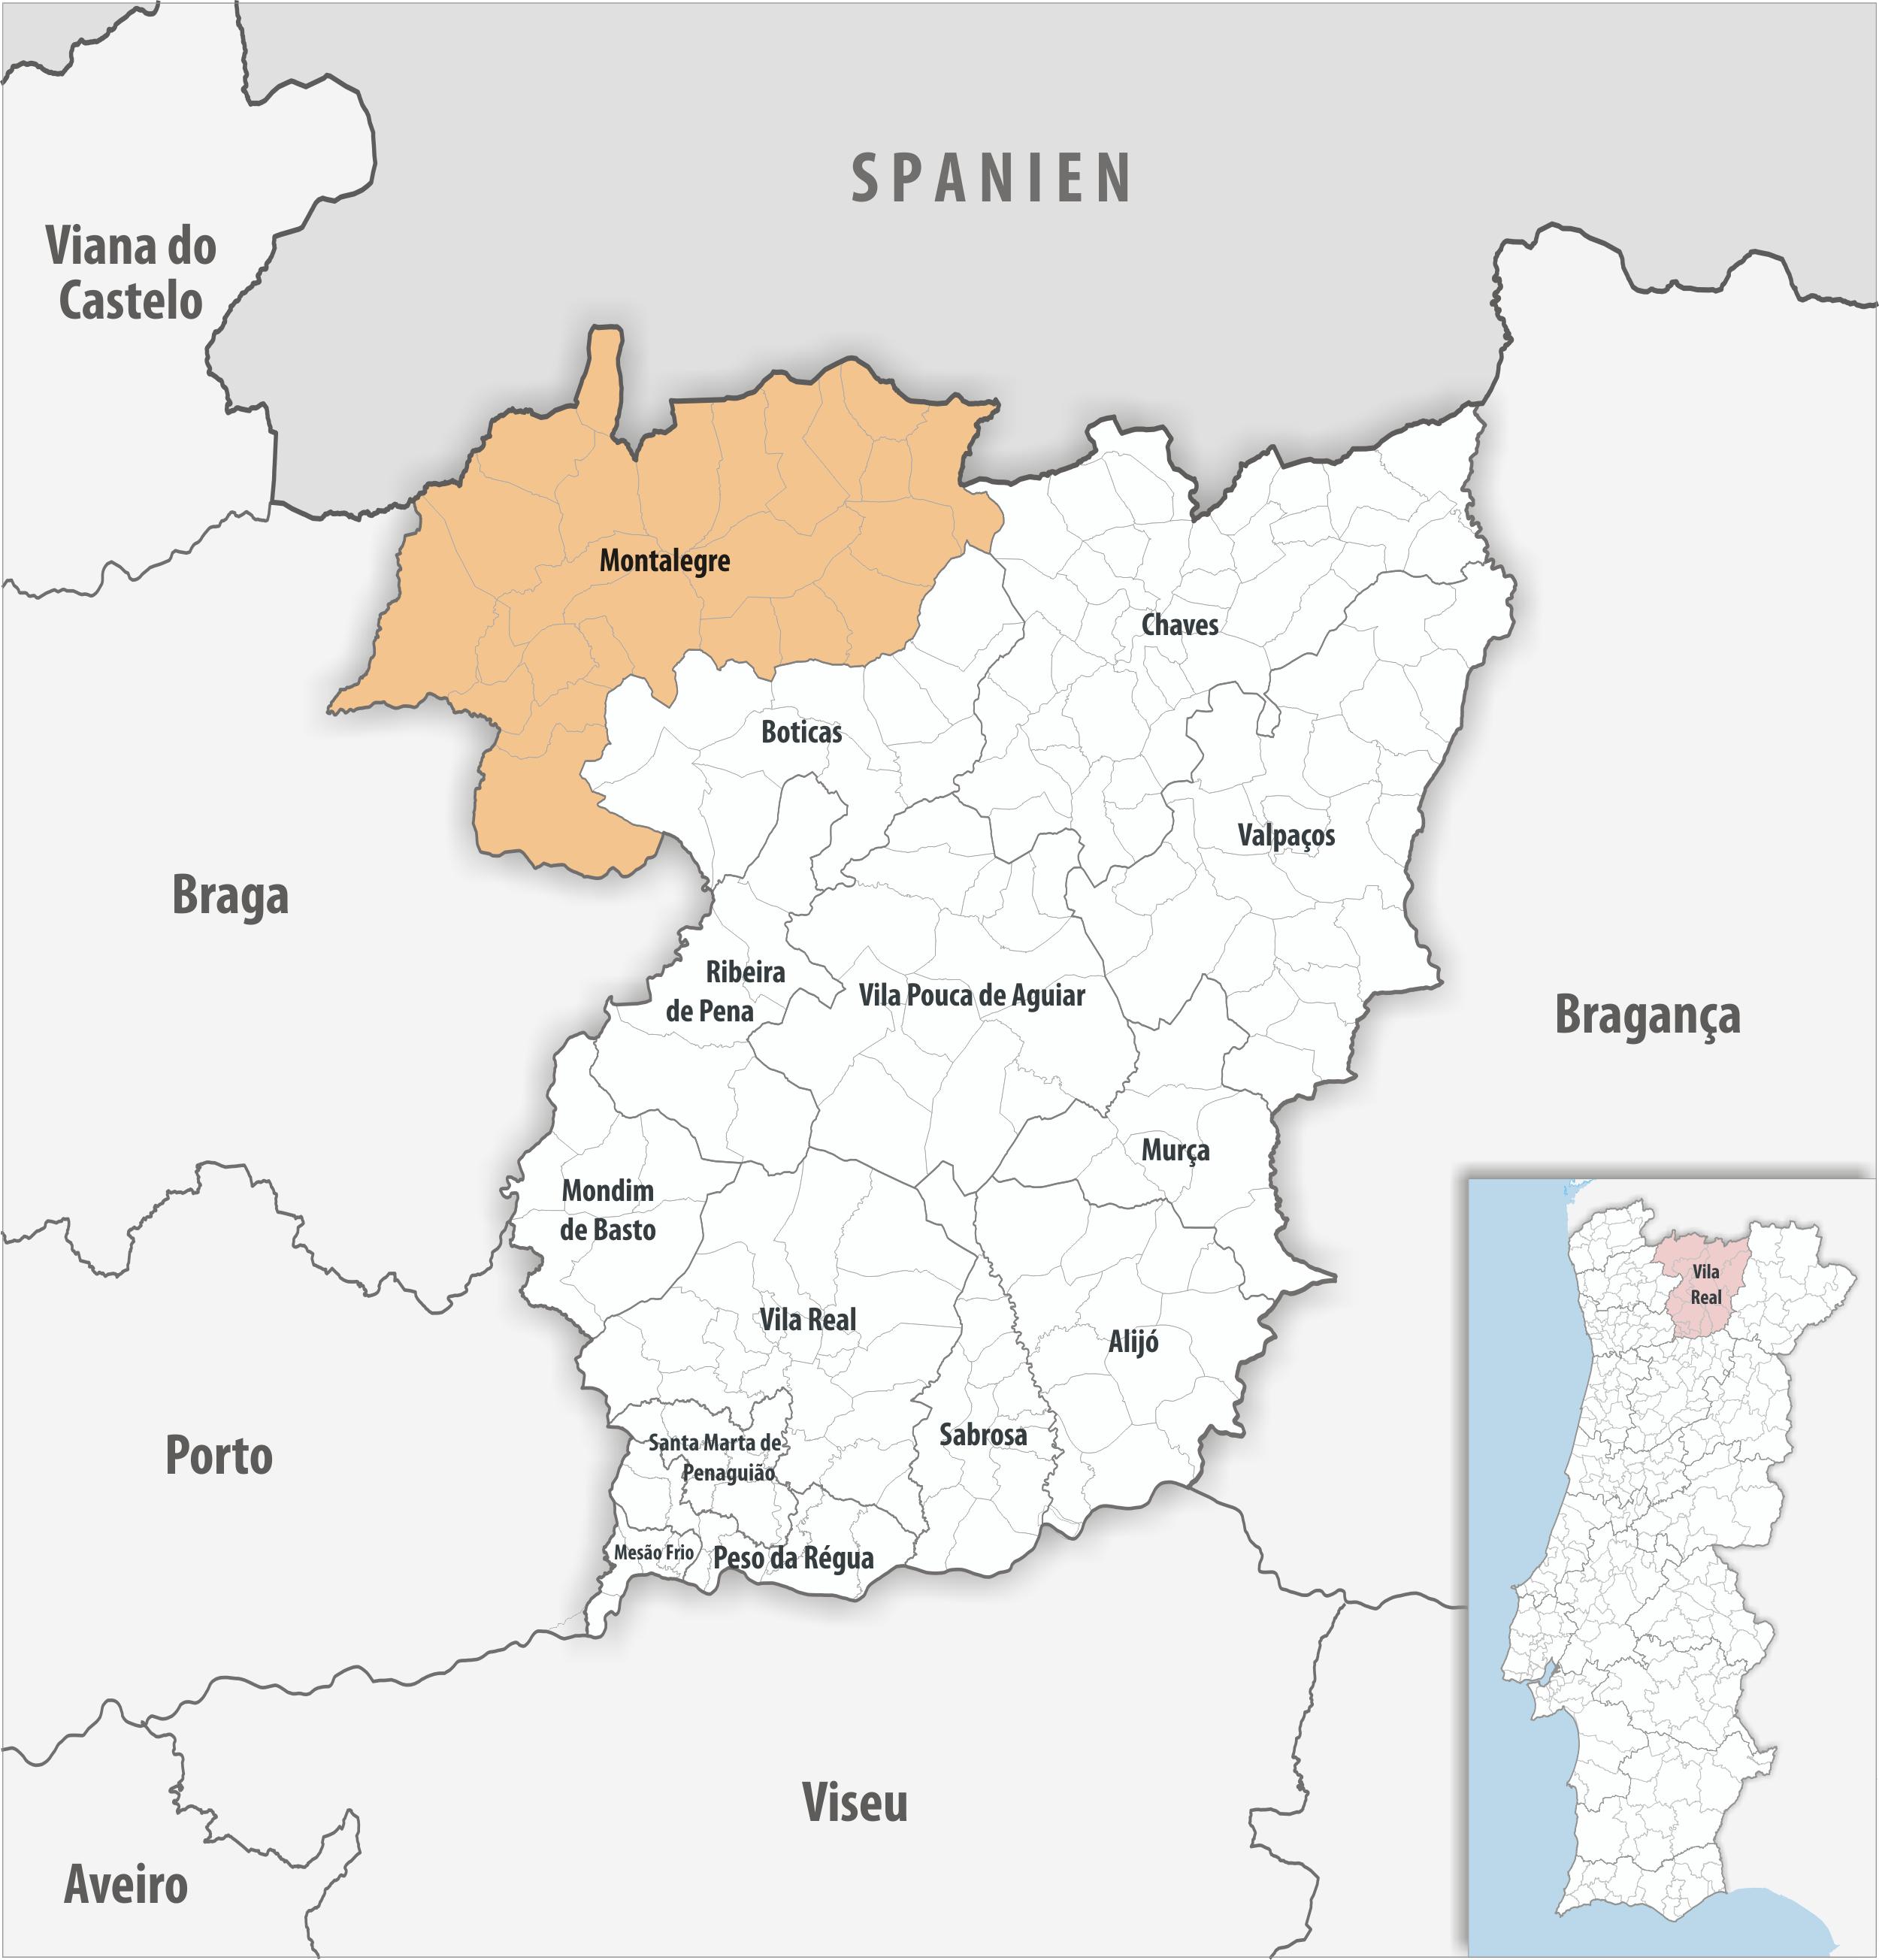 Radiografias Concelhias: Montalegre